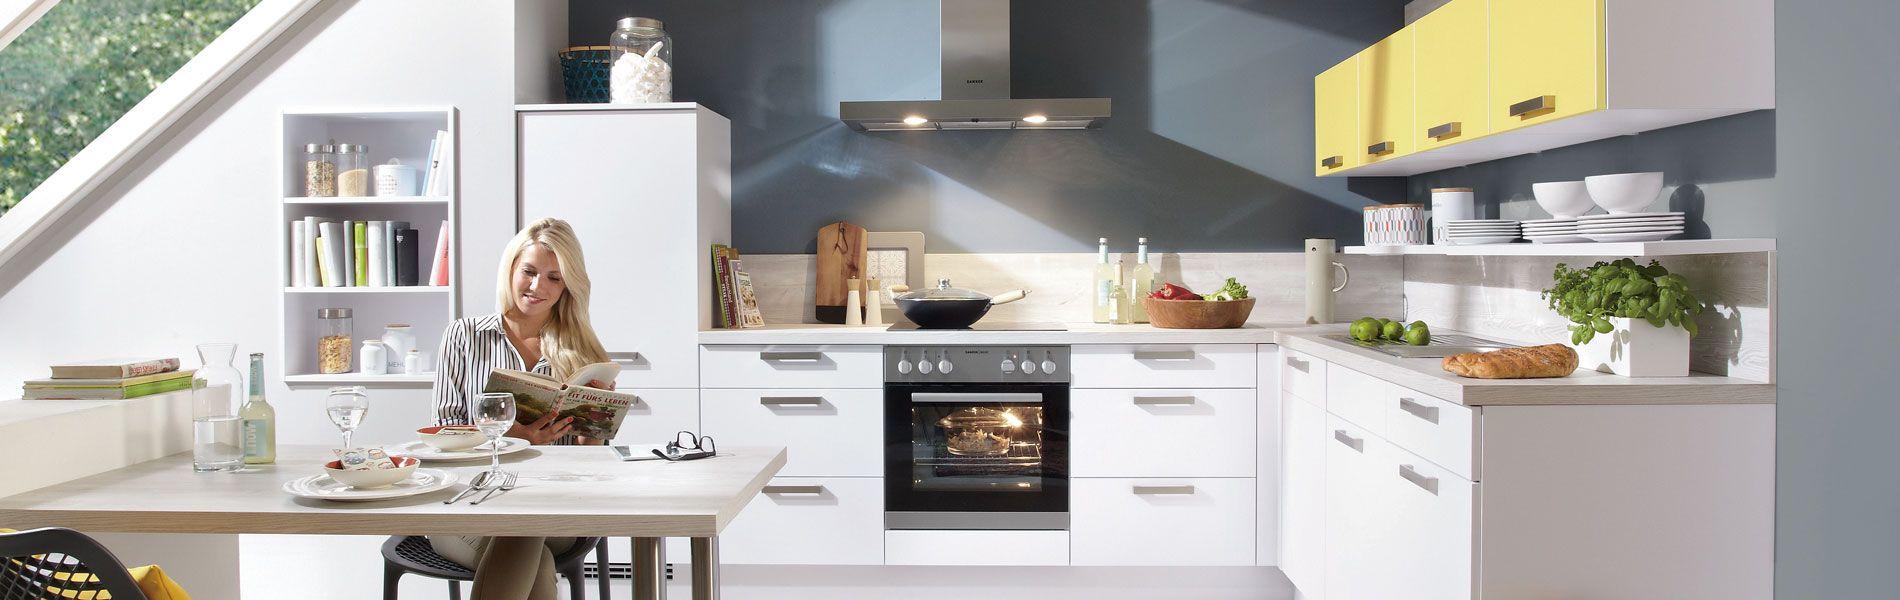 Höffner Küche   Jtleigh.com - Hausgestaltung Ideen   {Höffner küchen 23}